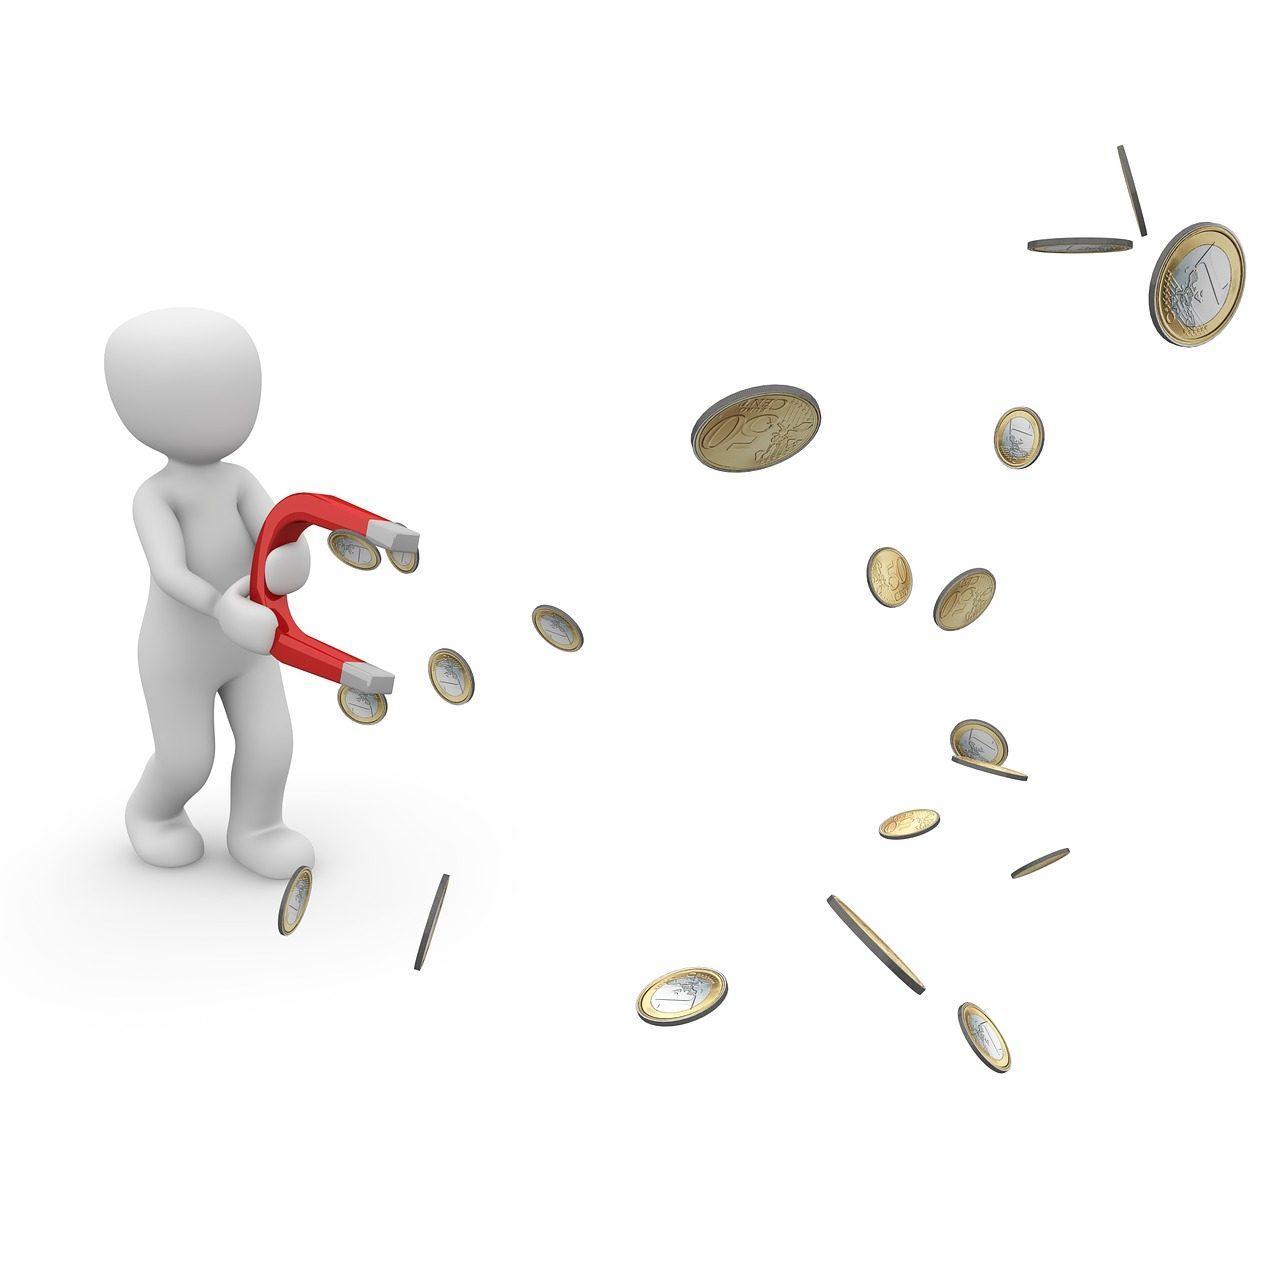 Wie kann ich mehr Geld verdienen?